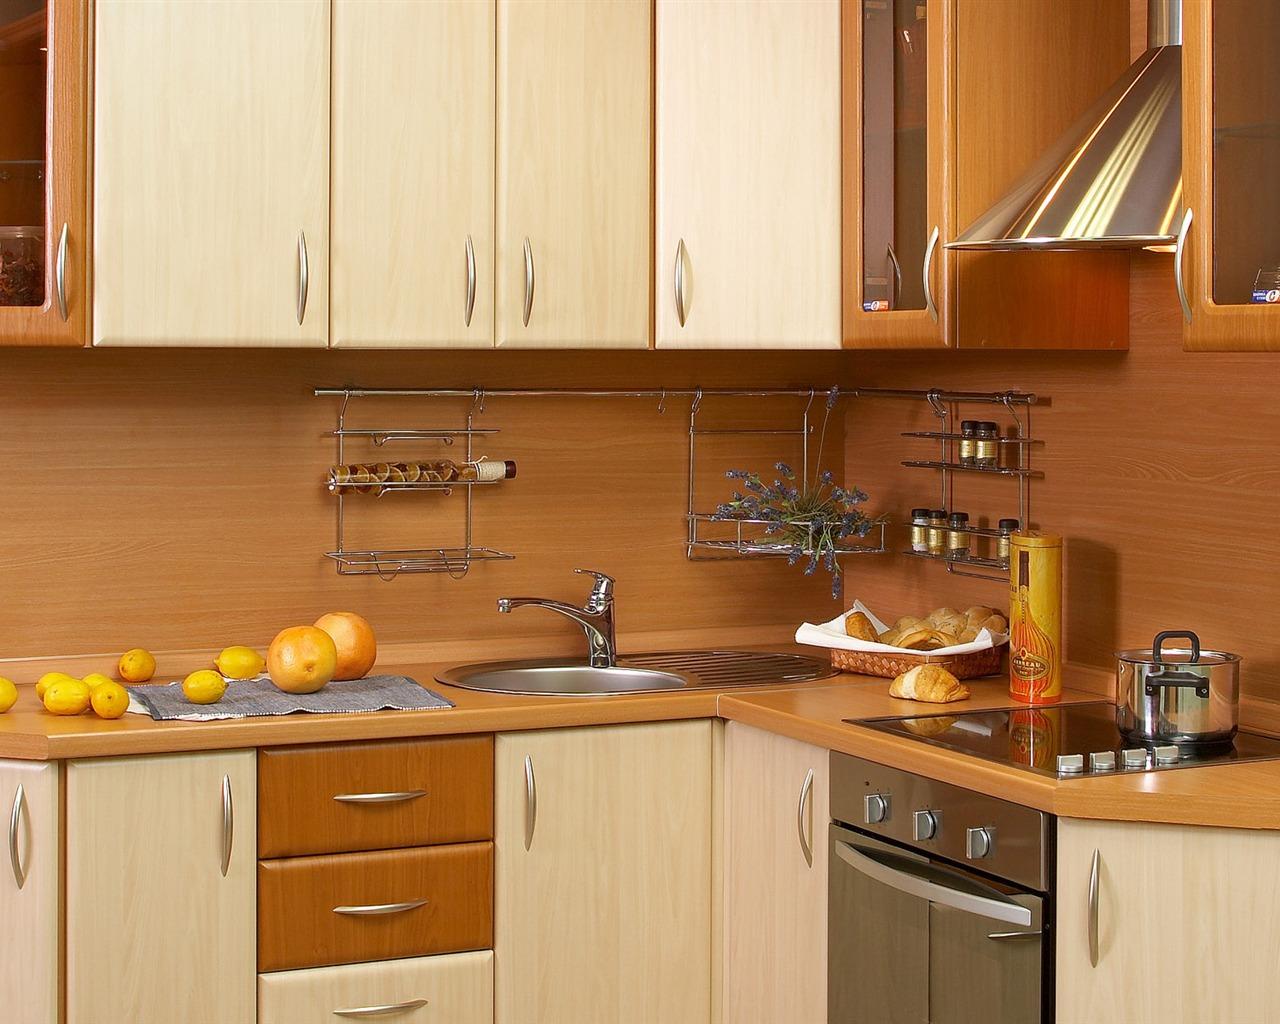 Muebles cocina madera limpieza ideas interesantes para dise ar los ltimos - Limpieza de muebles de madera ...